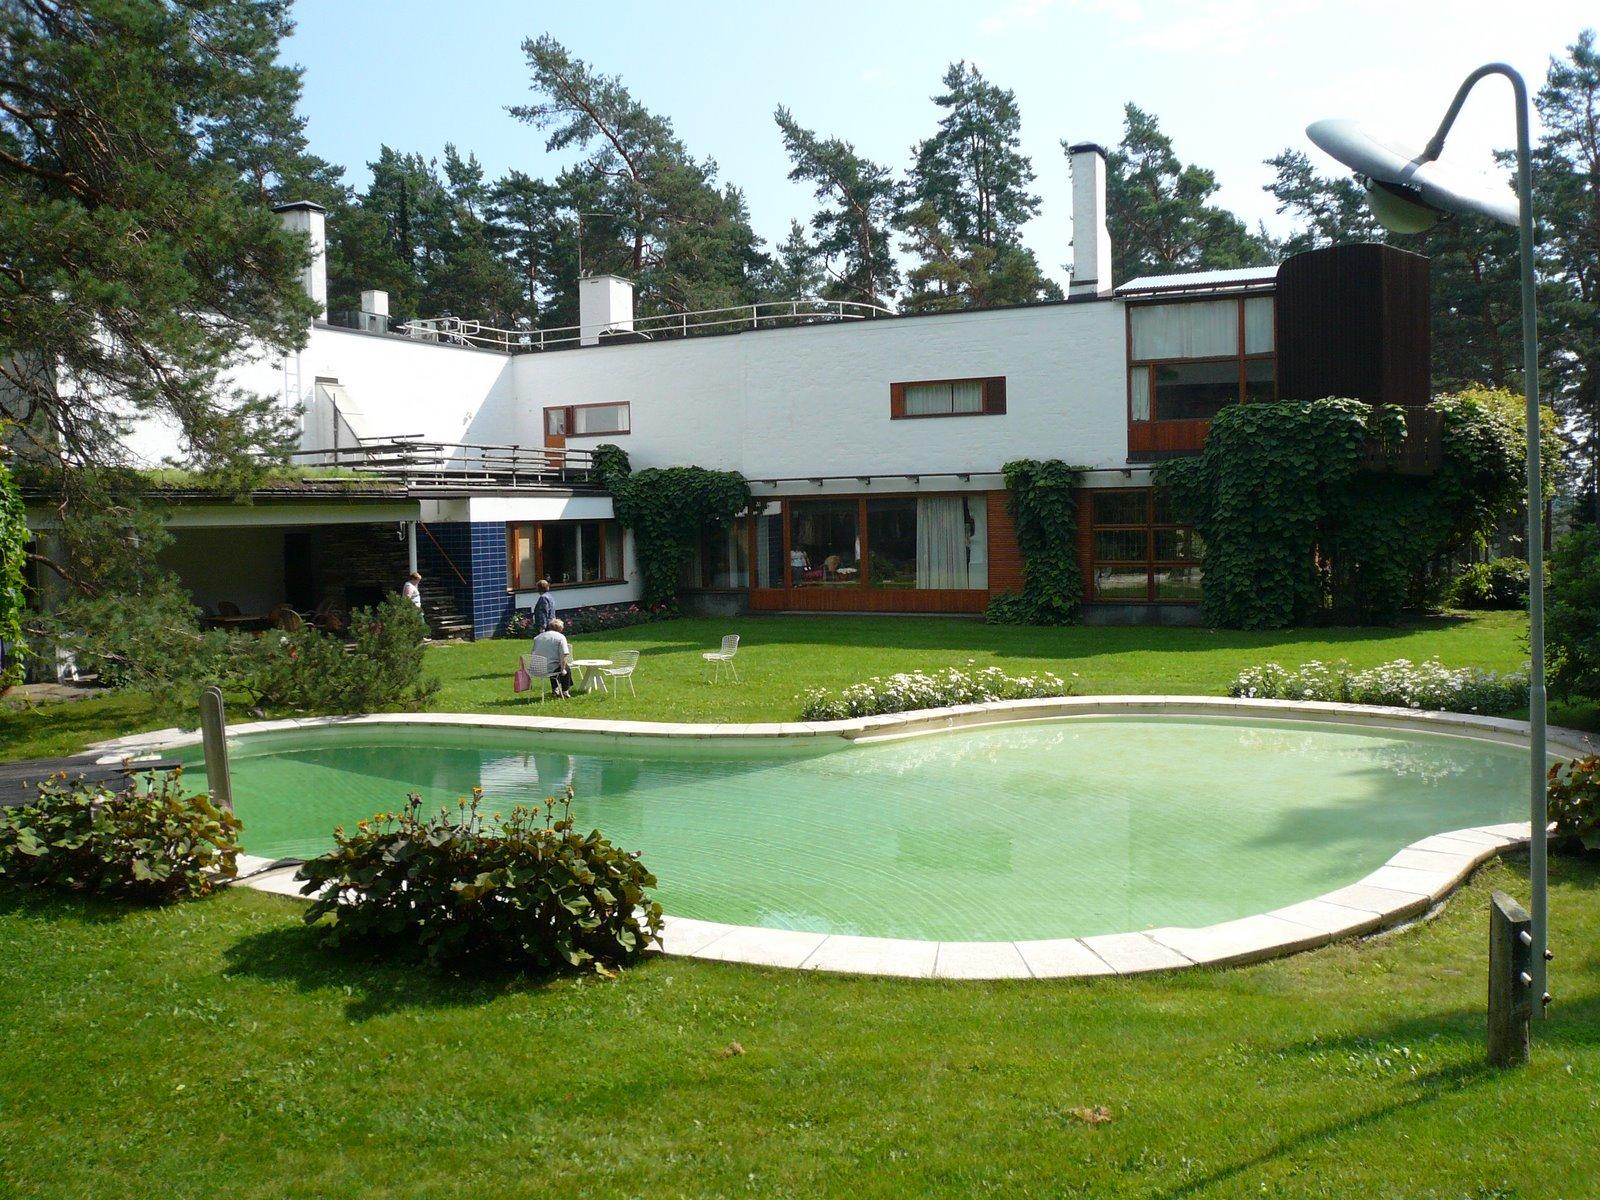 Villa Mairea Alvar Aalto Ideasgn